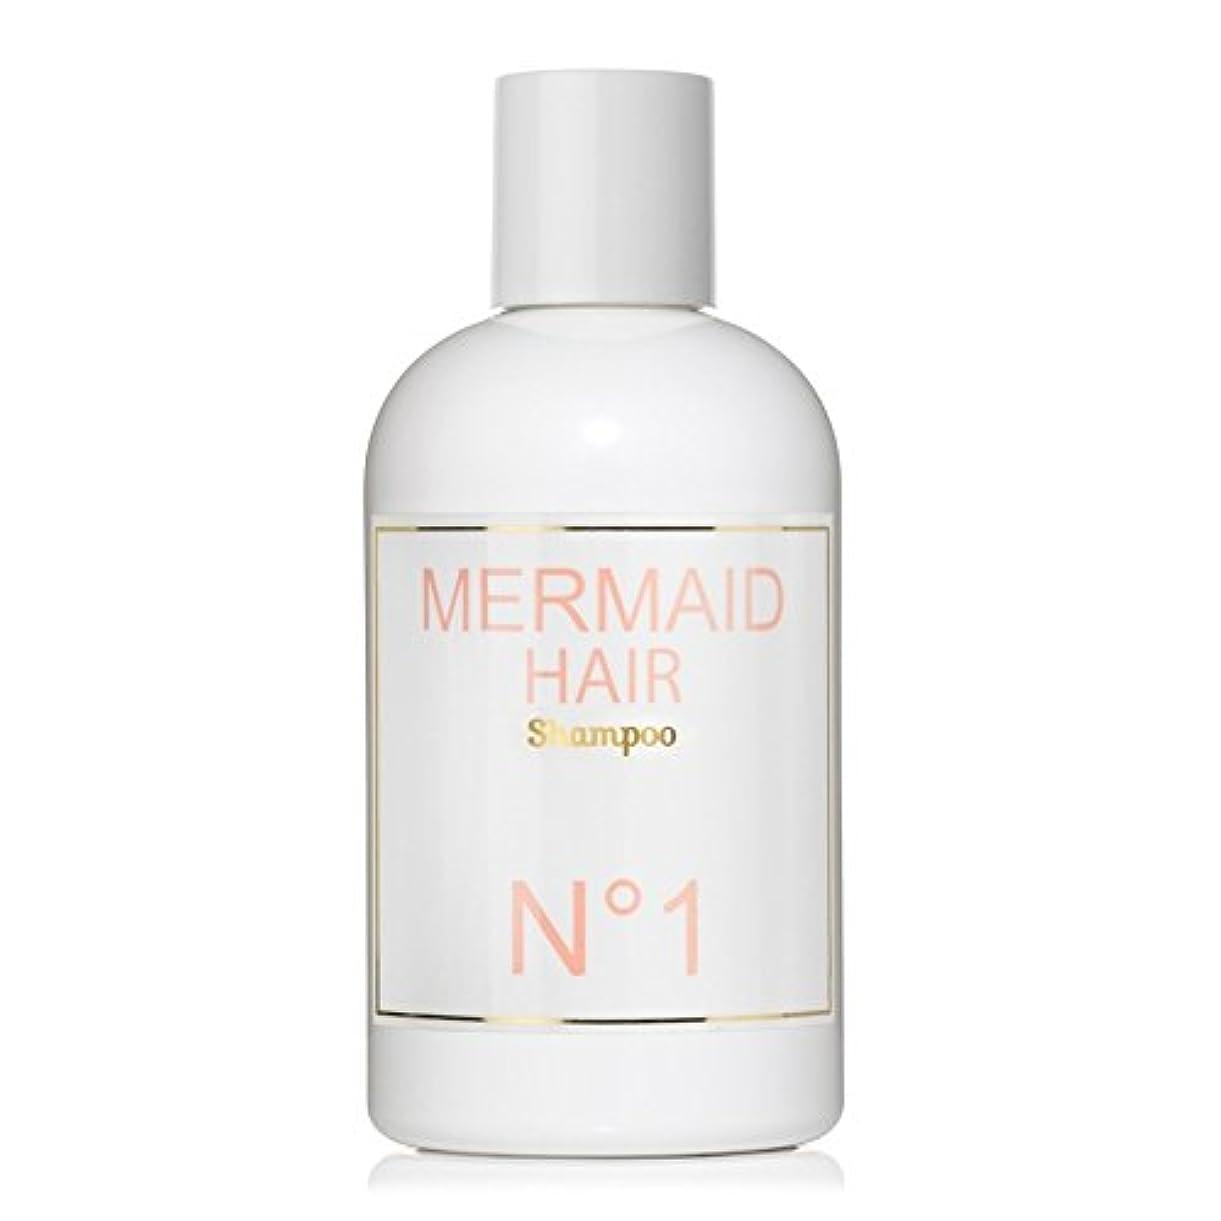 結婚仮装教えMermaid Perfume Mermaid Shampoo 237ml - 人魚香水人魚のシャンプー237ミリリットル [並行輸入品]